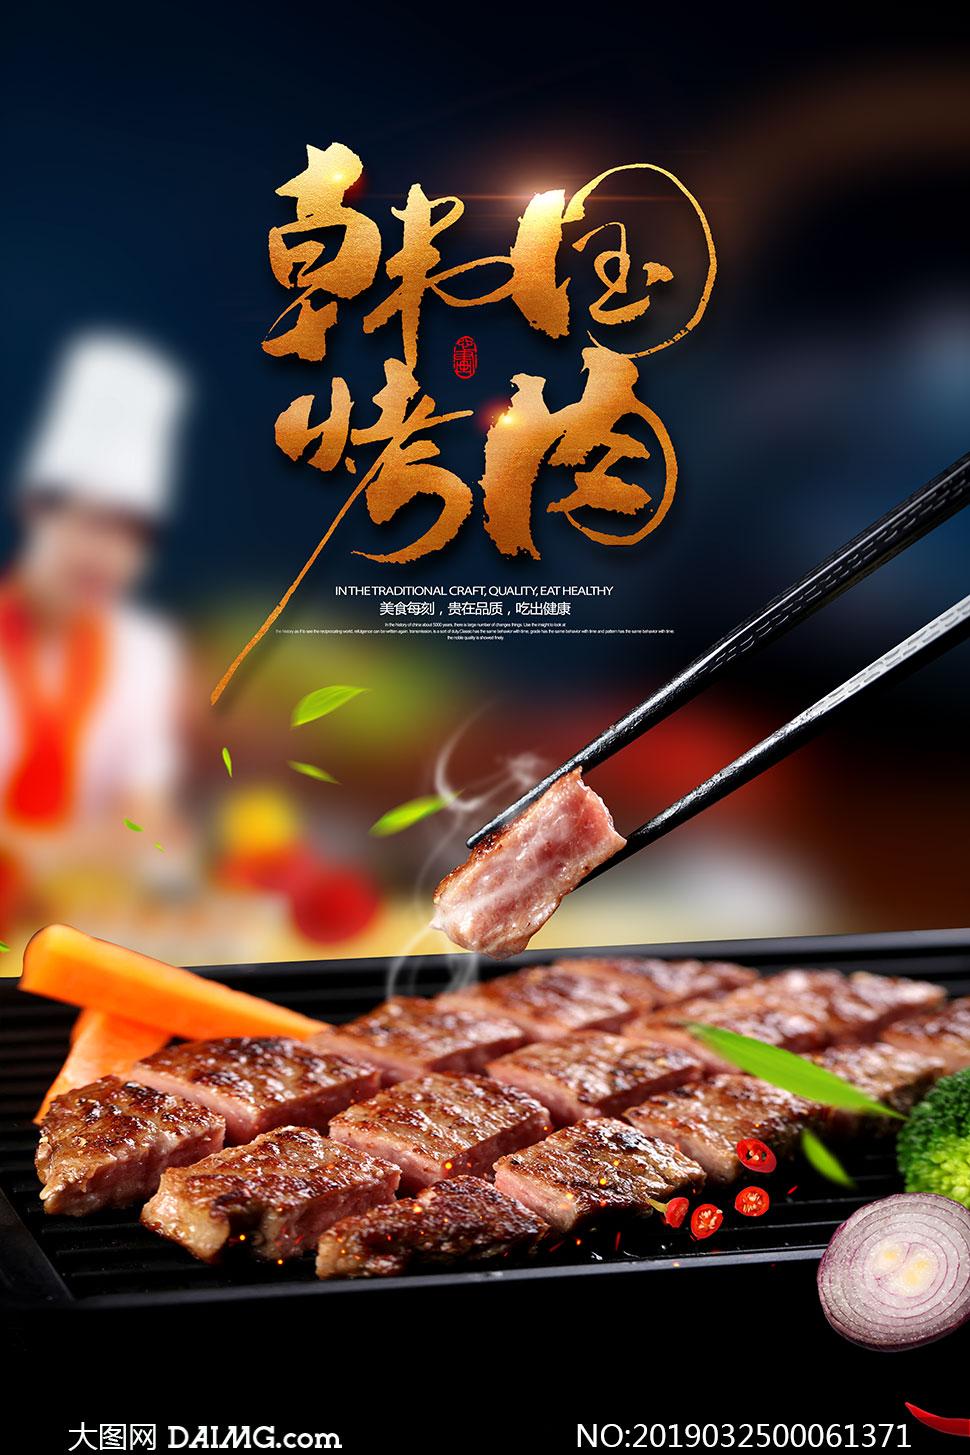 韩国烤肉美食宣传海报设计PSD素材